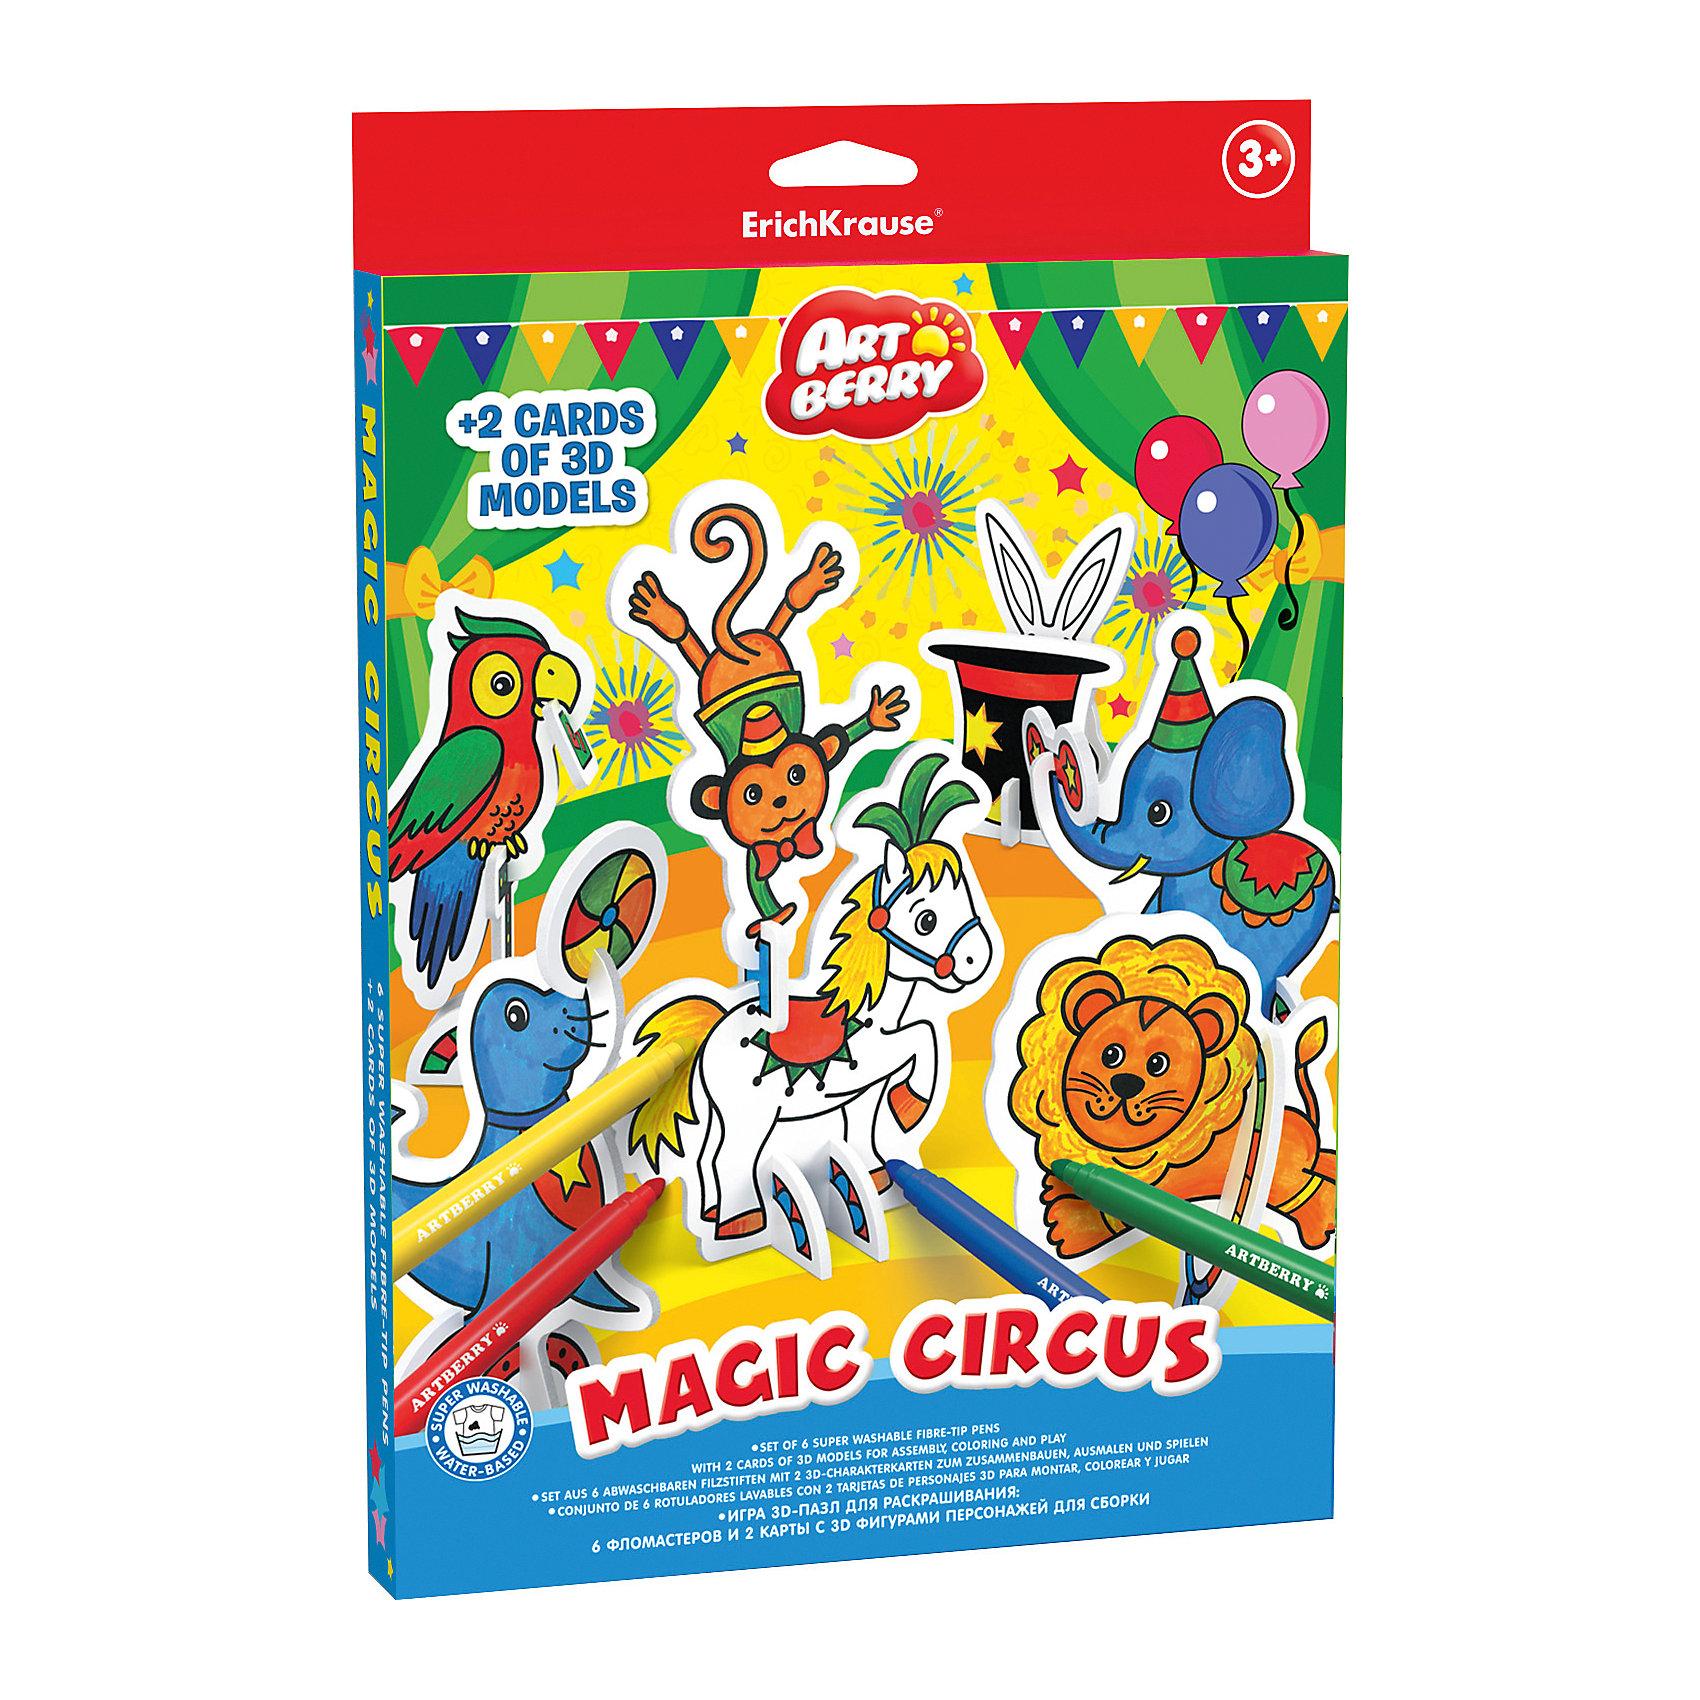 Игровой 3D-пазл для раскрашивания Волшебный цирк, ArtberryНаборы для раскрашивания<br>Характеристики товара:<br><br>• материал: гофрокартон <br>• в комплекте: модель для сборки и раскрашивания, фломастеры – 6 цветов<br>• возраст: от 3 лет<br>• габариты упаковки: 23х30х2,5 см<br>• вес: 243 г<br>• страна производитель: Россия<br><br>Пазлы в формате 3Д – отличная игрушка для развития мышления и мелкой моторики малыша. Пользу игрушке добавляет возможность раскрашивания готовой модели, которая развивает творческие способности ребенка. Все необходимое уже включено в набор.<br><br>Игровой 3D-пазл для раскрашивания Волшебный цирк от бренда Artberry можно купить в нашем интернет-магазине.<br><br>Ширина мм: 230<br>Глубина мм: 300<br>Высота мм: 25<br>Вес г: 243<br>Возраст от месяцев: 36<br>Возраст до месяцев: 2147483647<br>Пол: Унисекс<br>Возраст: Детский<br>SKU: 5409354